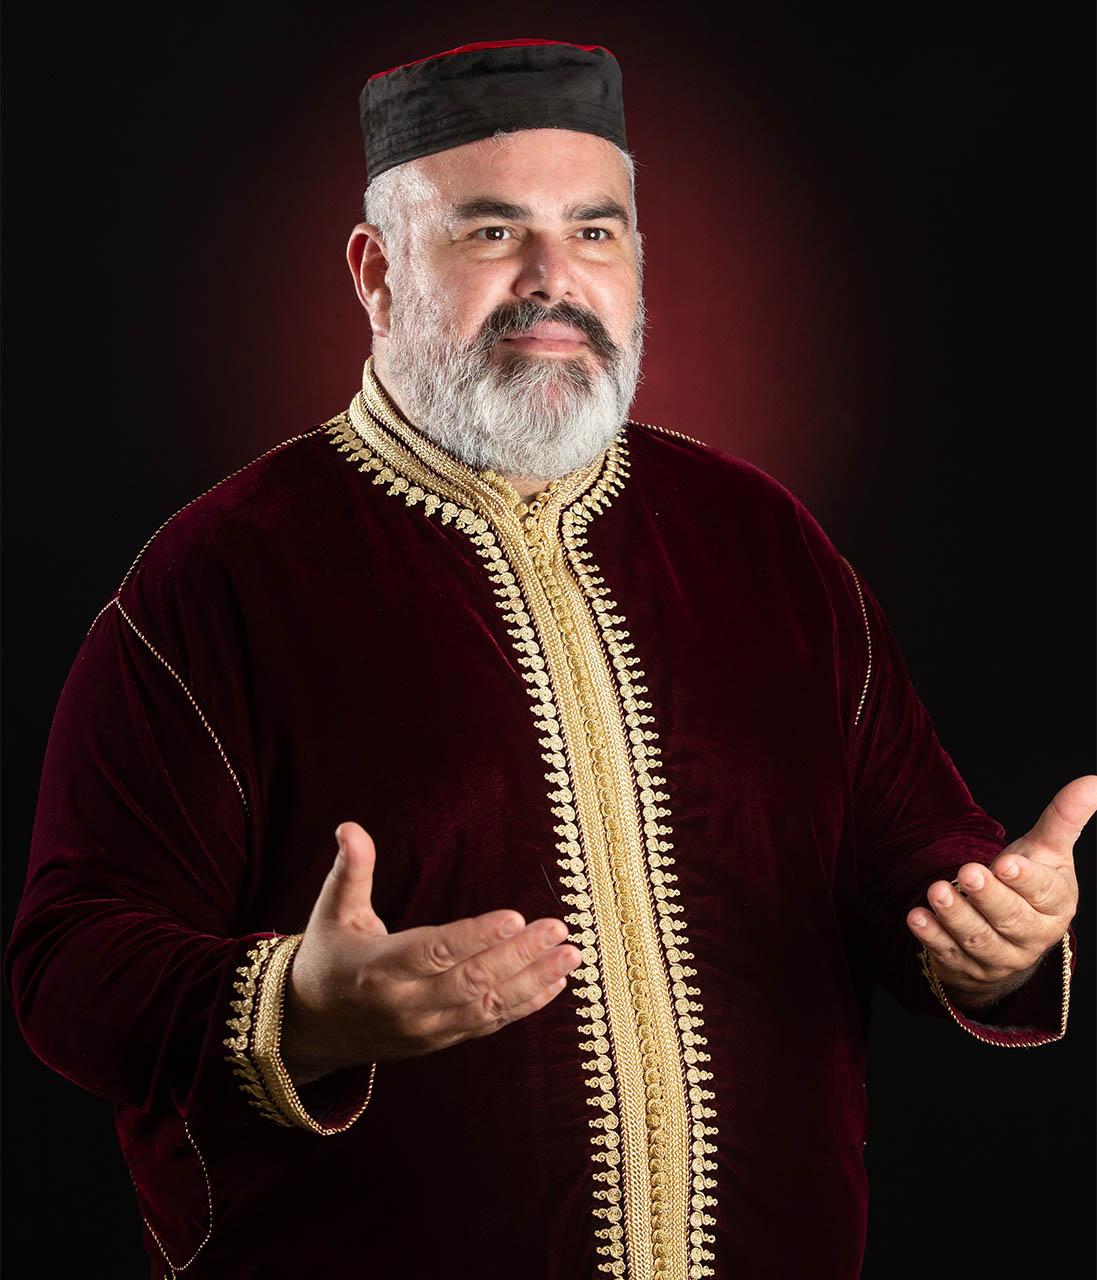 שמעון סיבוני - בלבוש מרוקאי